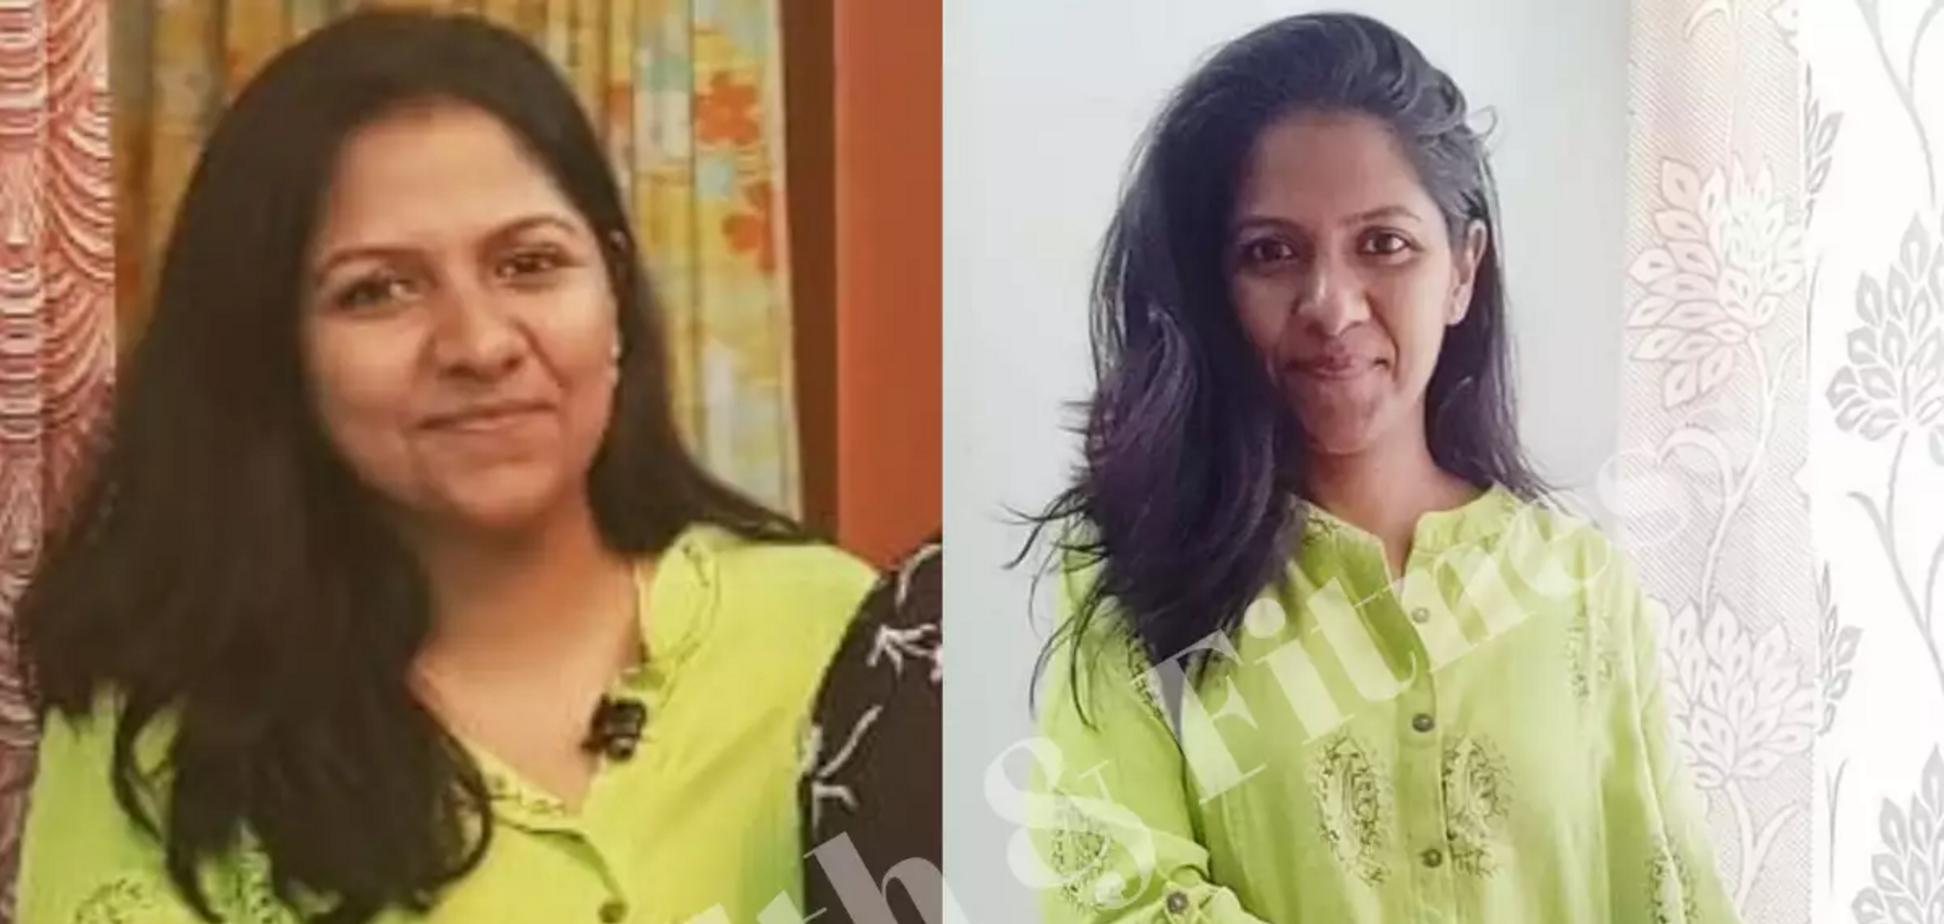 Айсварія Пандіян з Індії схудла на 21 кг за допомогою інтервального голодування і тренувань вдомау